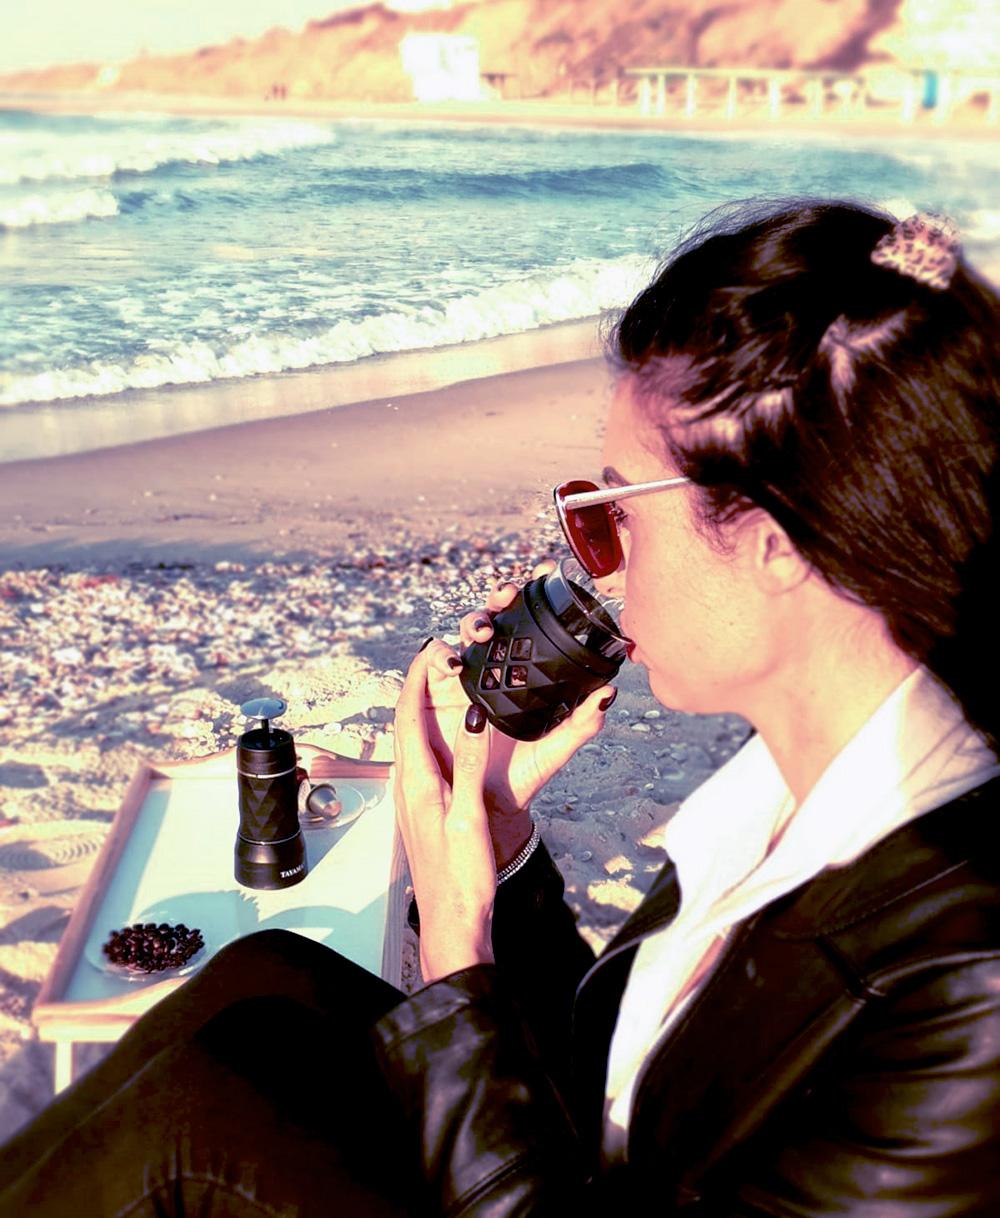 מכונת קפה ניידת לשטח